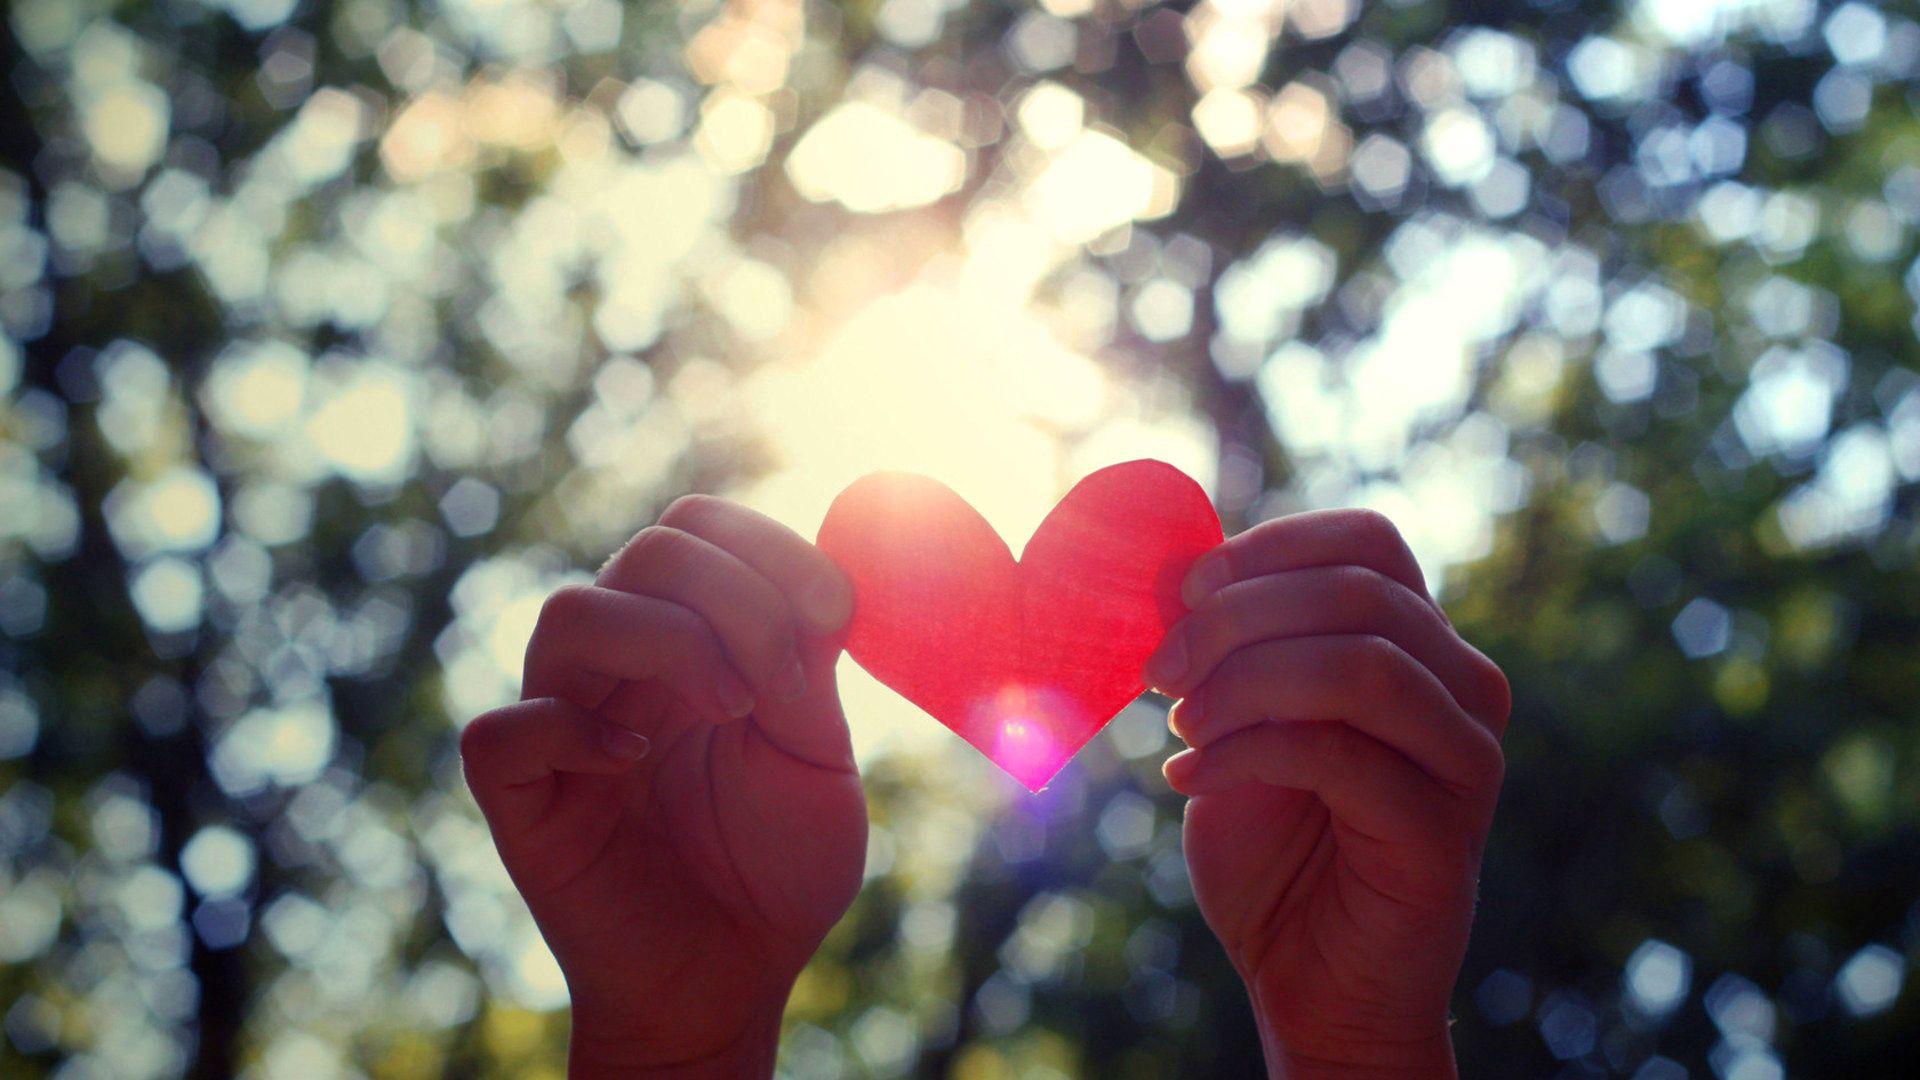 65145 скачать обои Любовь, Руки, Сердце, Свет, Деревья, Листья - заставки и картинки бесплатно